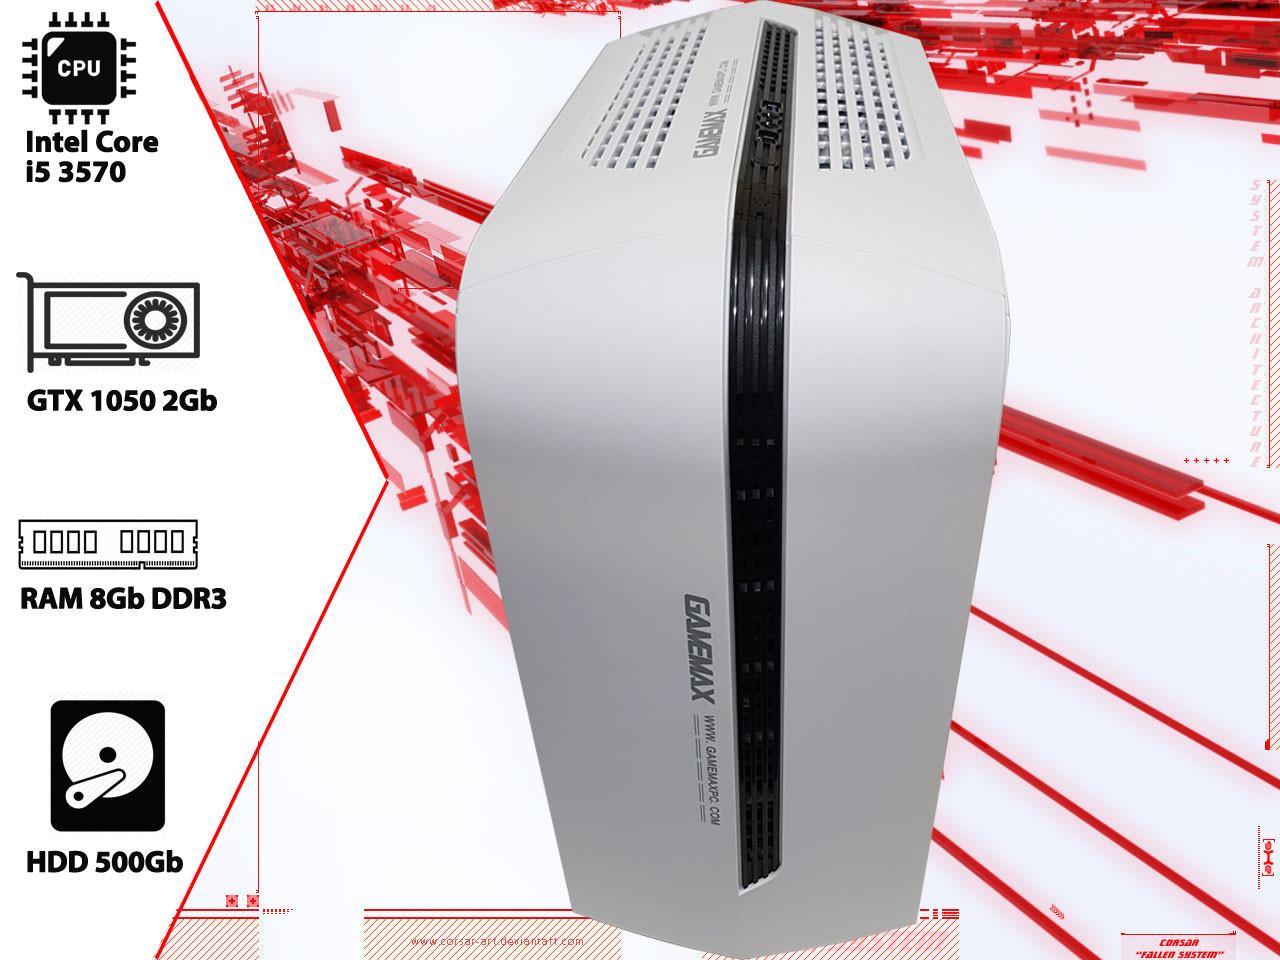 Игровой ПК Intel Core i5 3570, GTX 1050 2Gb, DDR3 8Gb, 500Gb